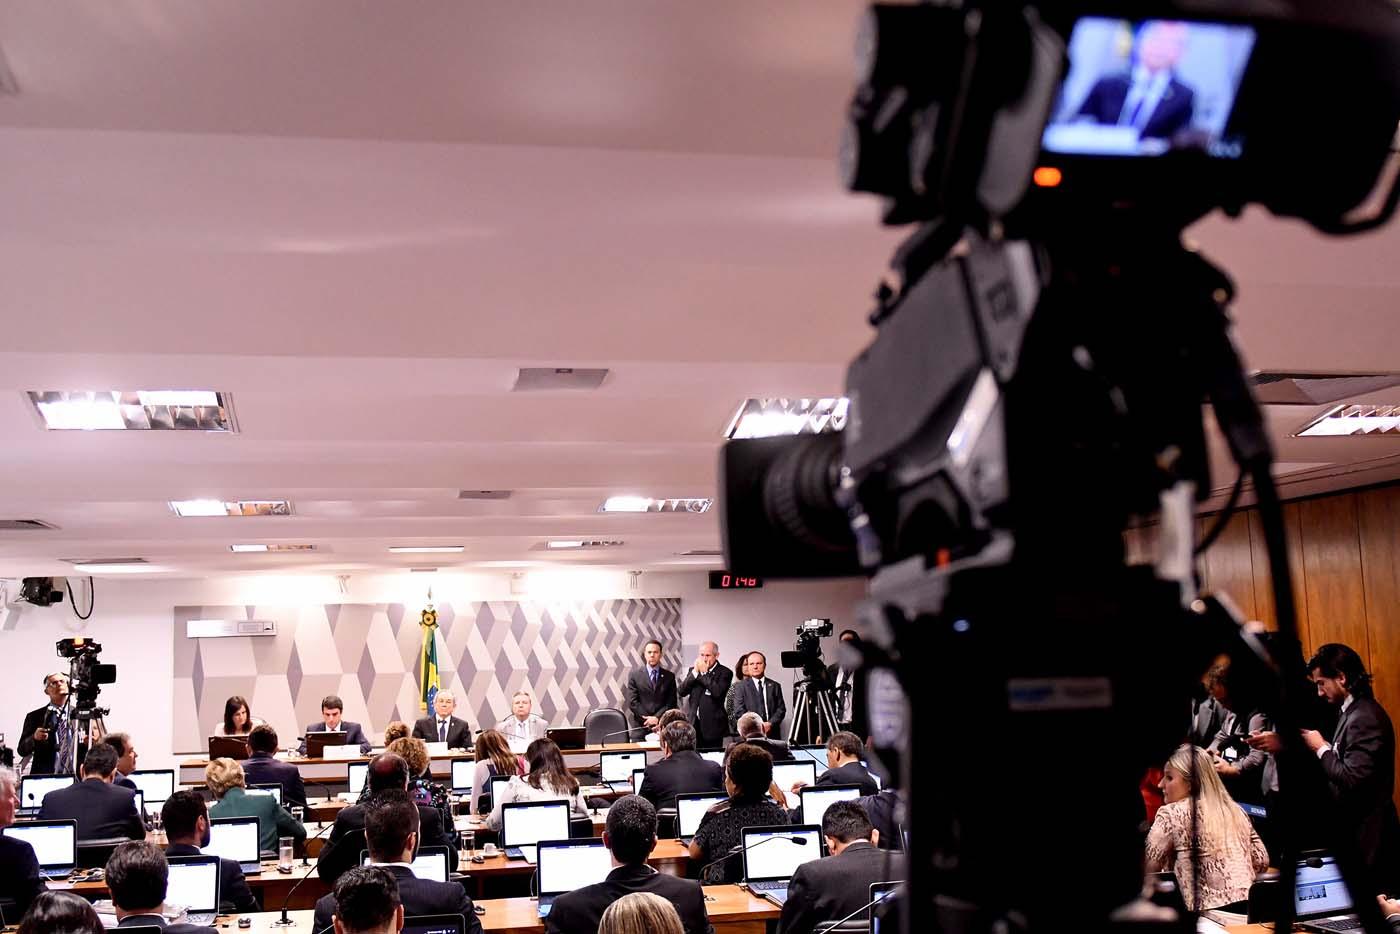 """BRA1000. BRASILIA (BRASIL), 04/08/2016.- Vista general durante una votación en la Comisión del Senado hoy, jueves 4 de agosto de 2016. La Comisión del Senado a cargo del proceso, que vota hoy el informe que pide su destitución, identificó """"plenas razones"""" para avanzar hacia la pérdida del mandato de Rousseff, quien responde por graves irregularidades en el manejo de los presupuestos del Estado. EFE/Cadu Gomes"""